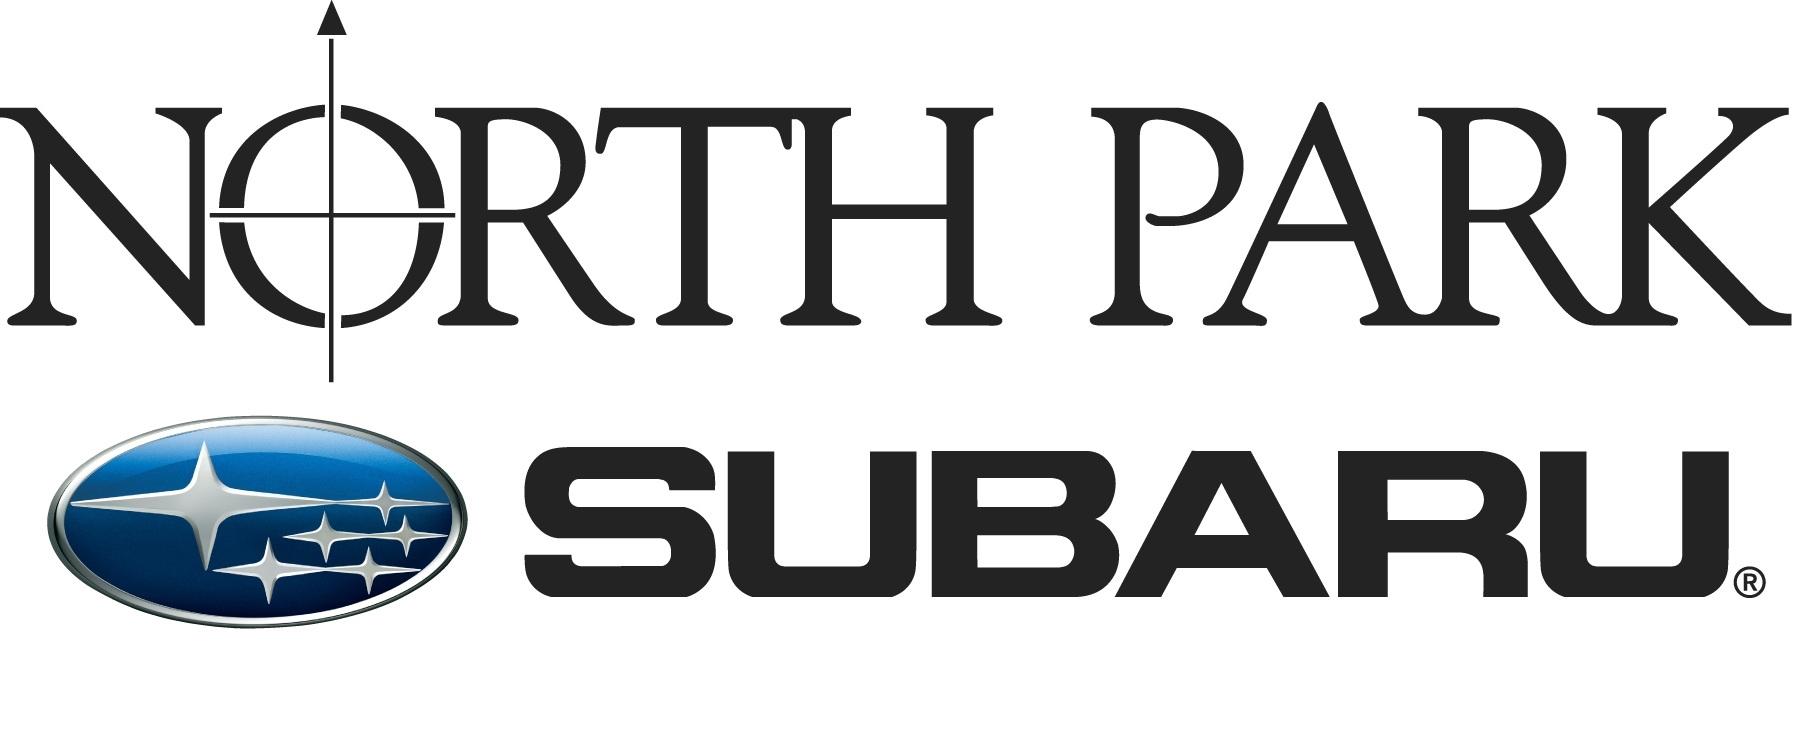 North Park Subaru >> North Park Subaru